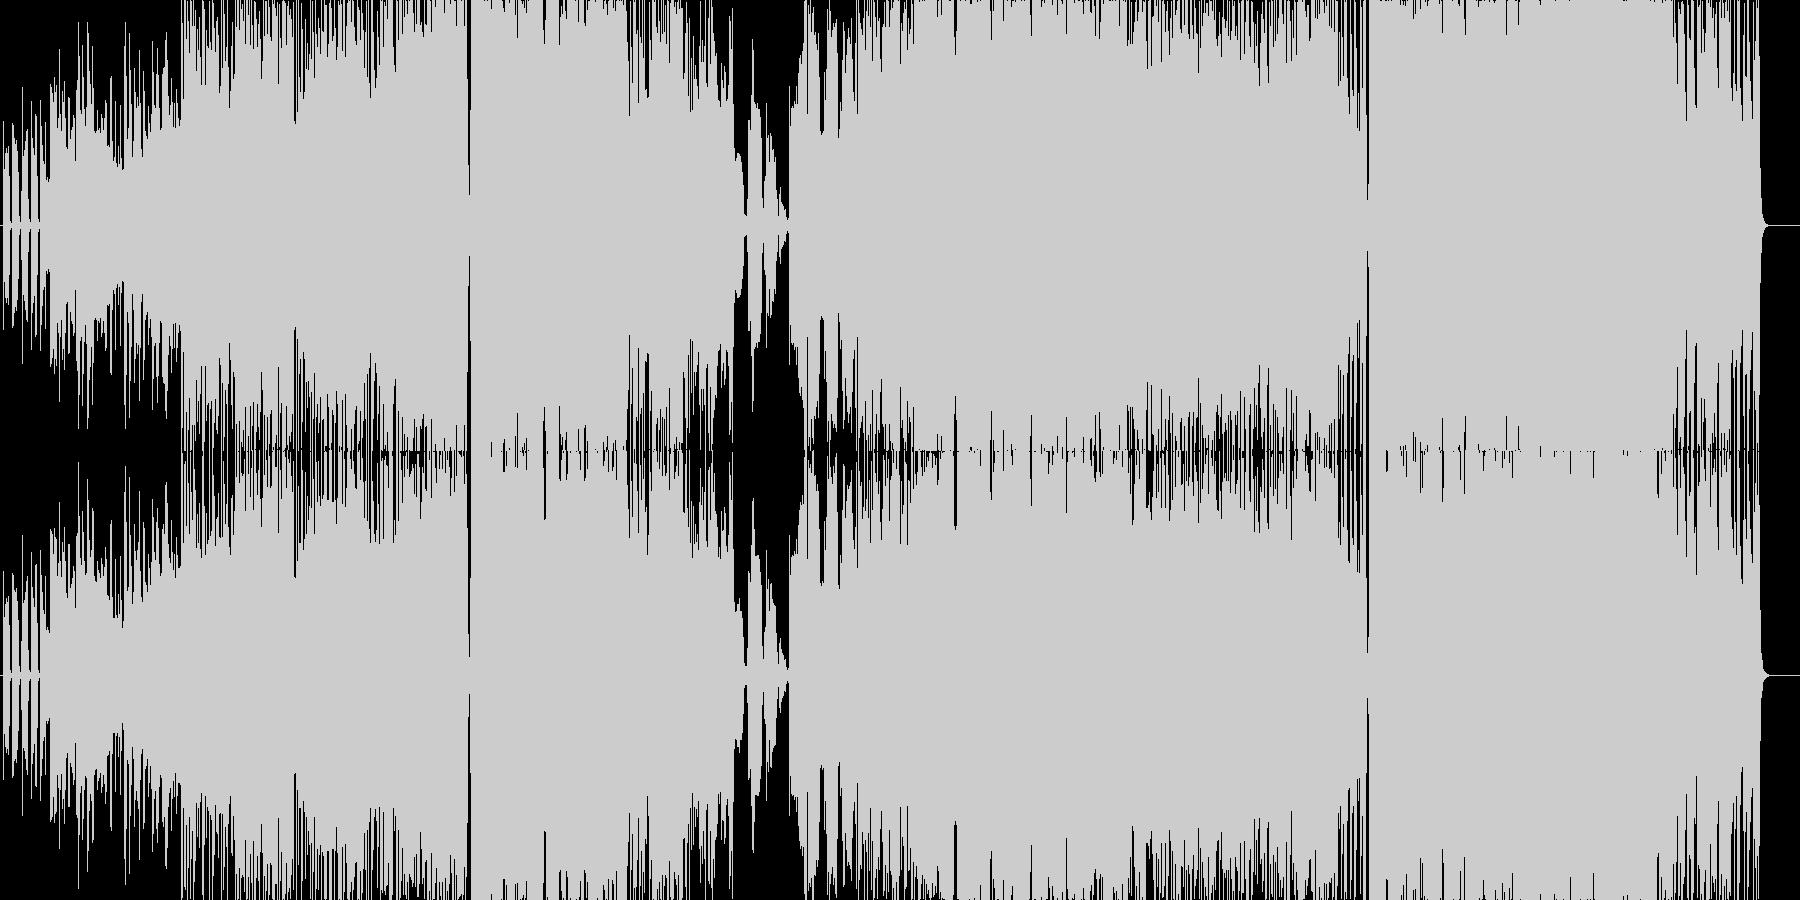 確かな一歩を踏み出す、そんな時にこの曲をの未再生の波形